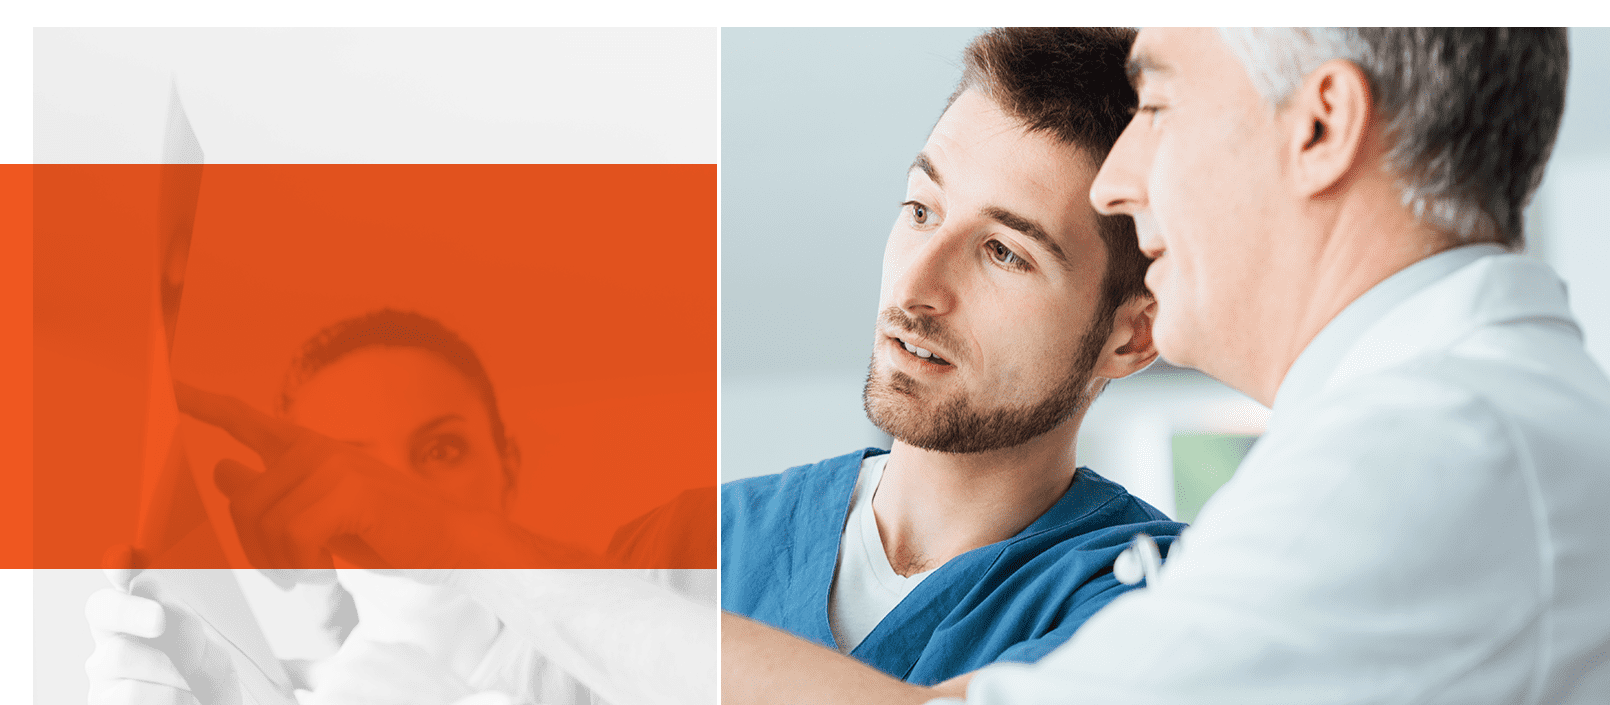 Artsen en verpleegkundigen kijken naar röntgenfoto